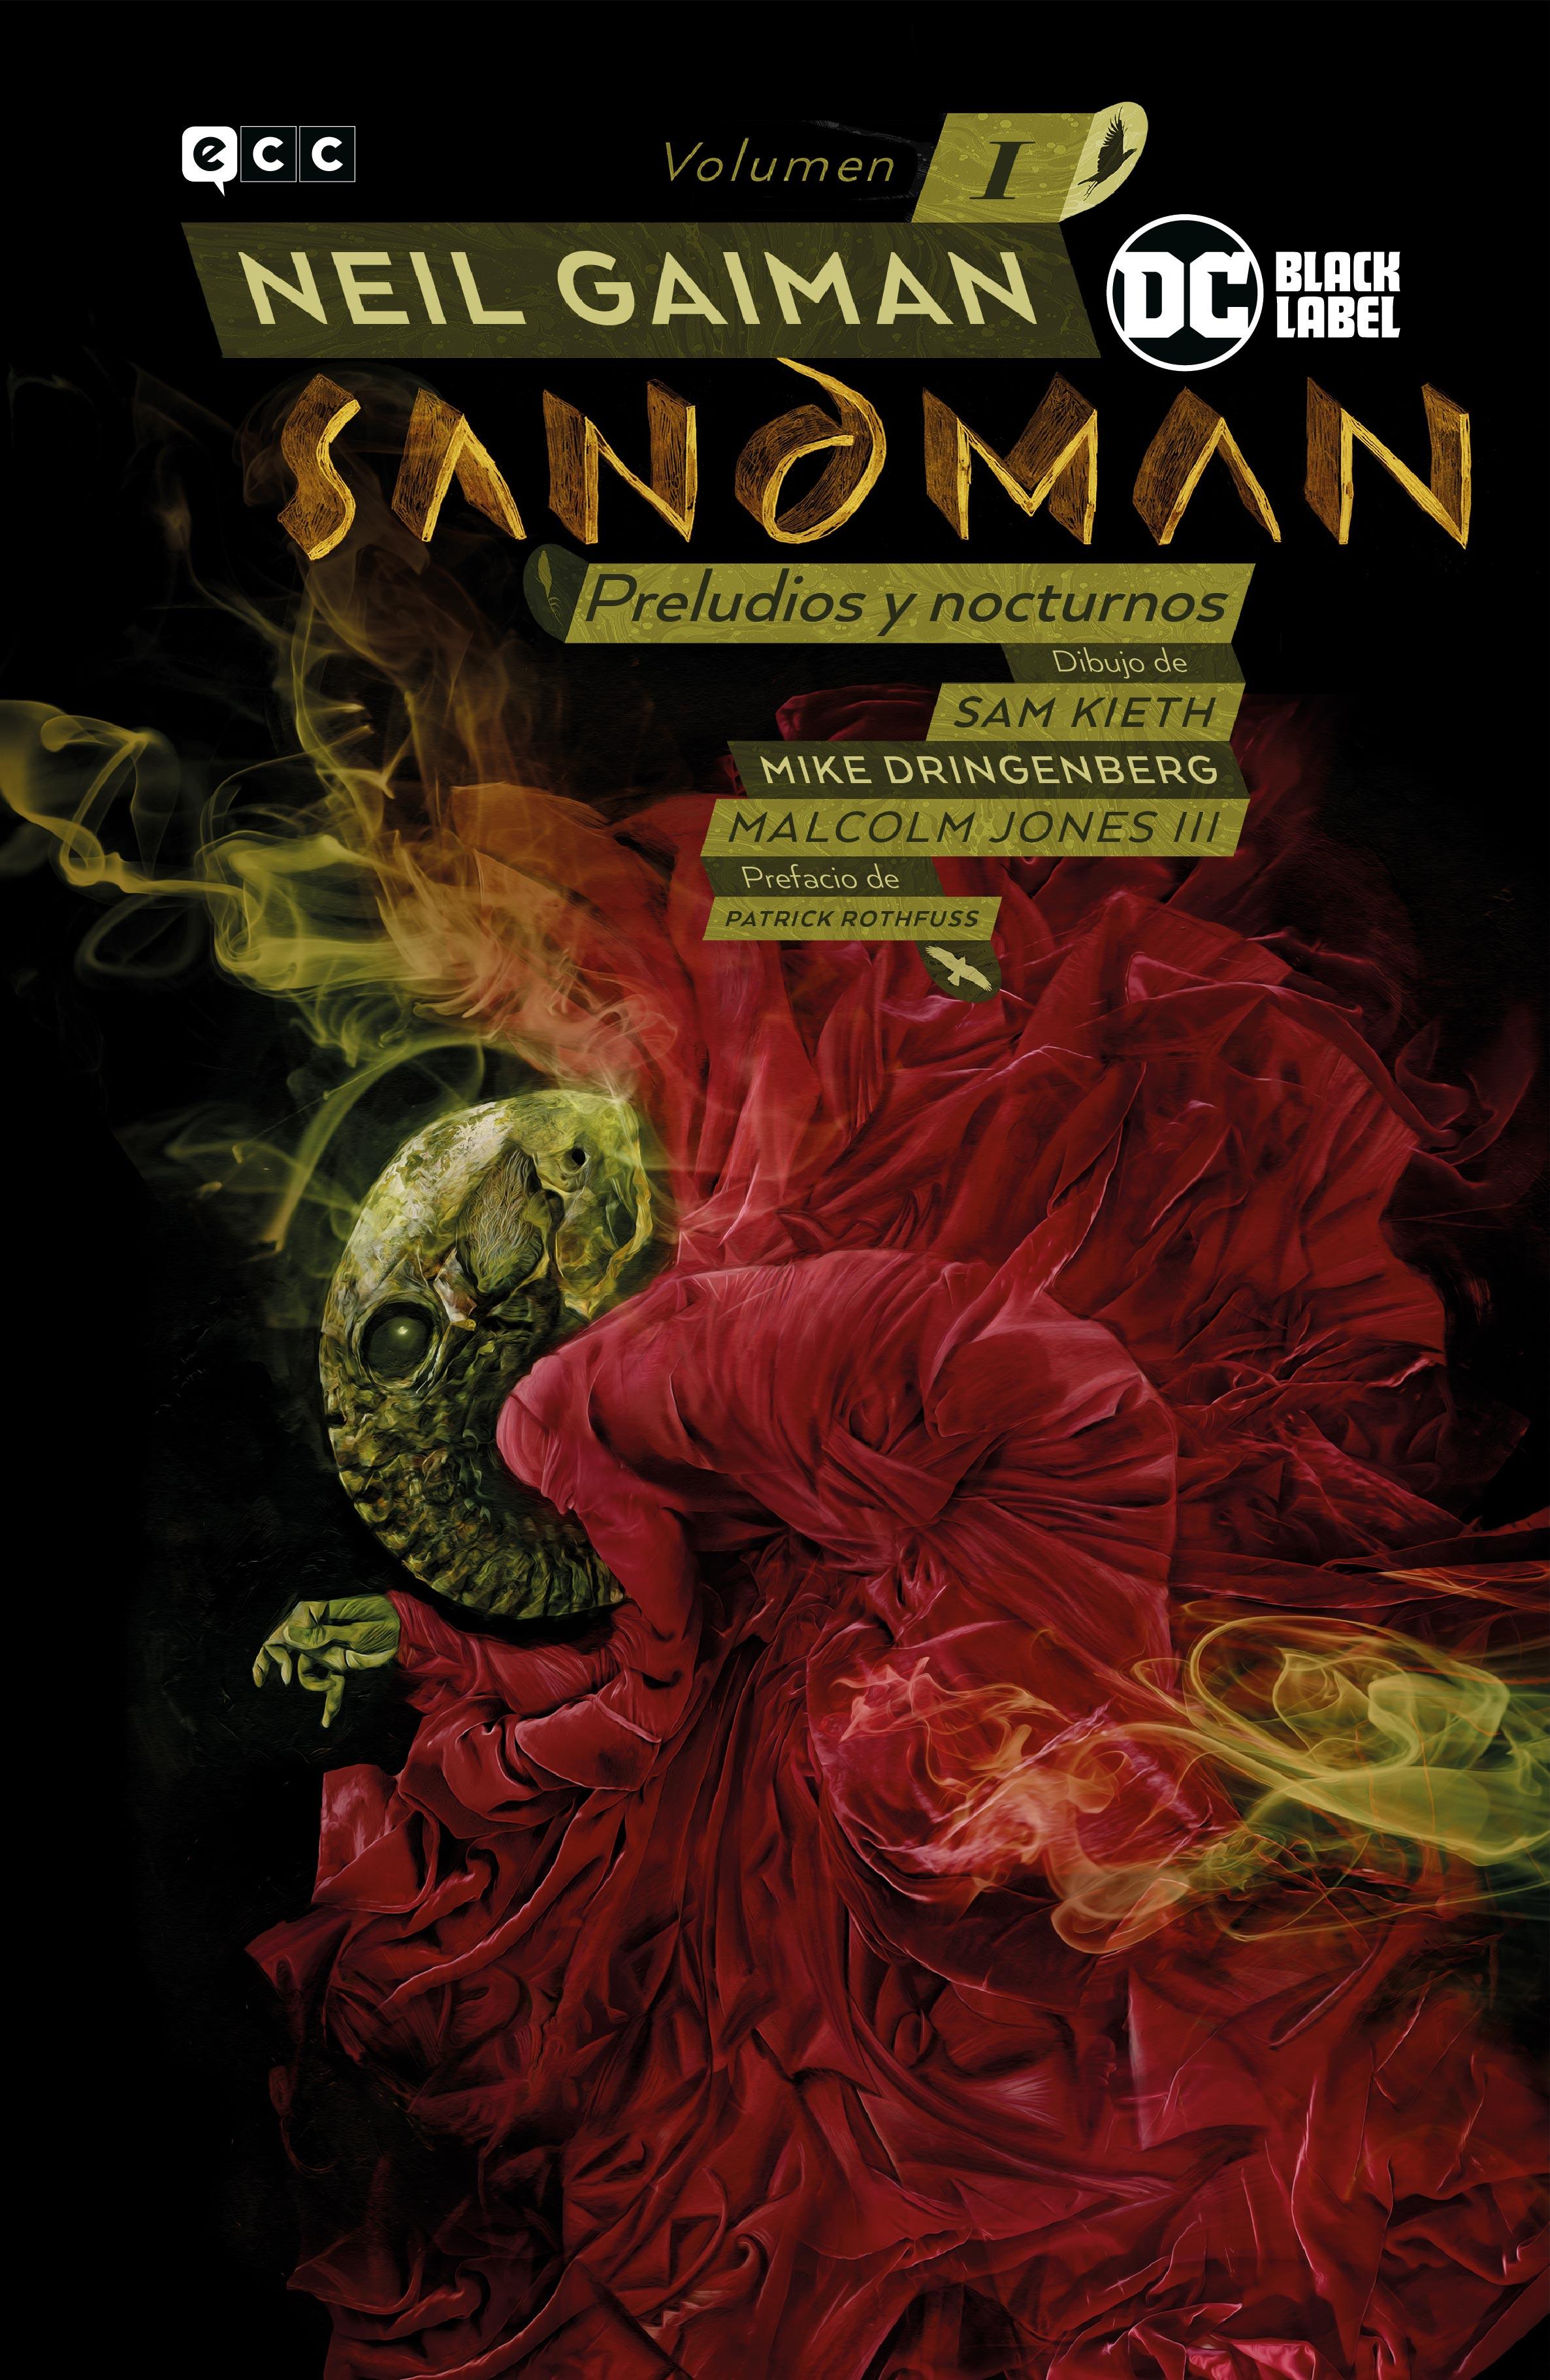 Sandman vol. 1 de 10: Preludios nocturnos (Nueva edición)